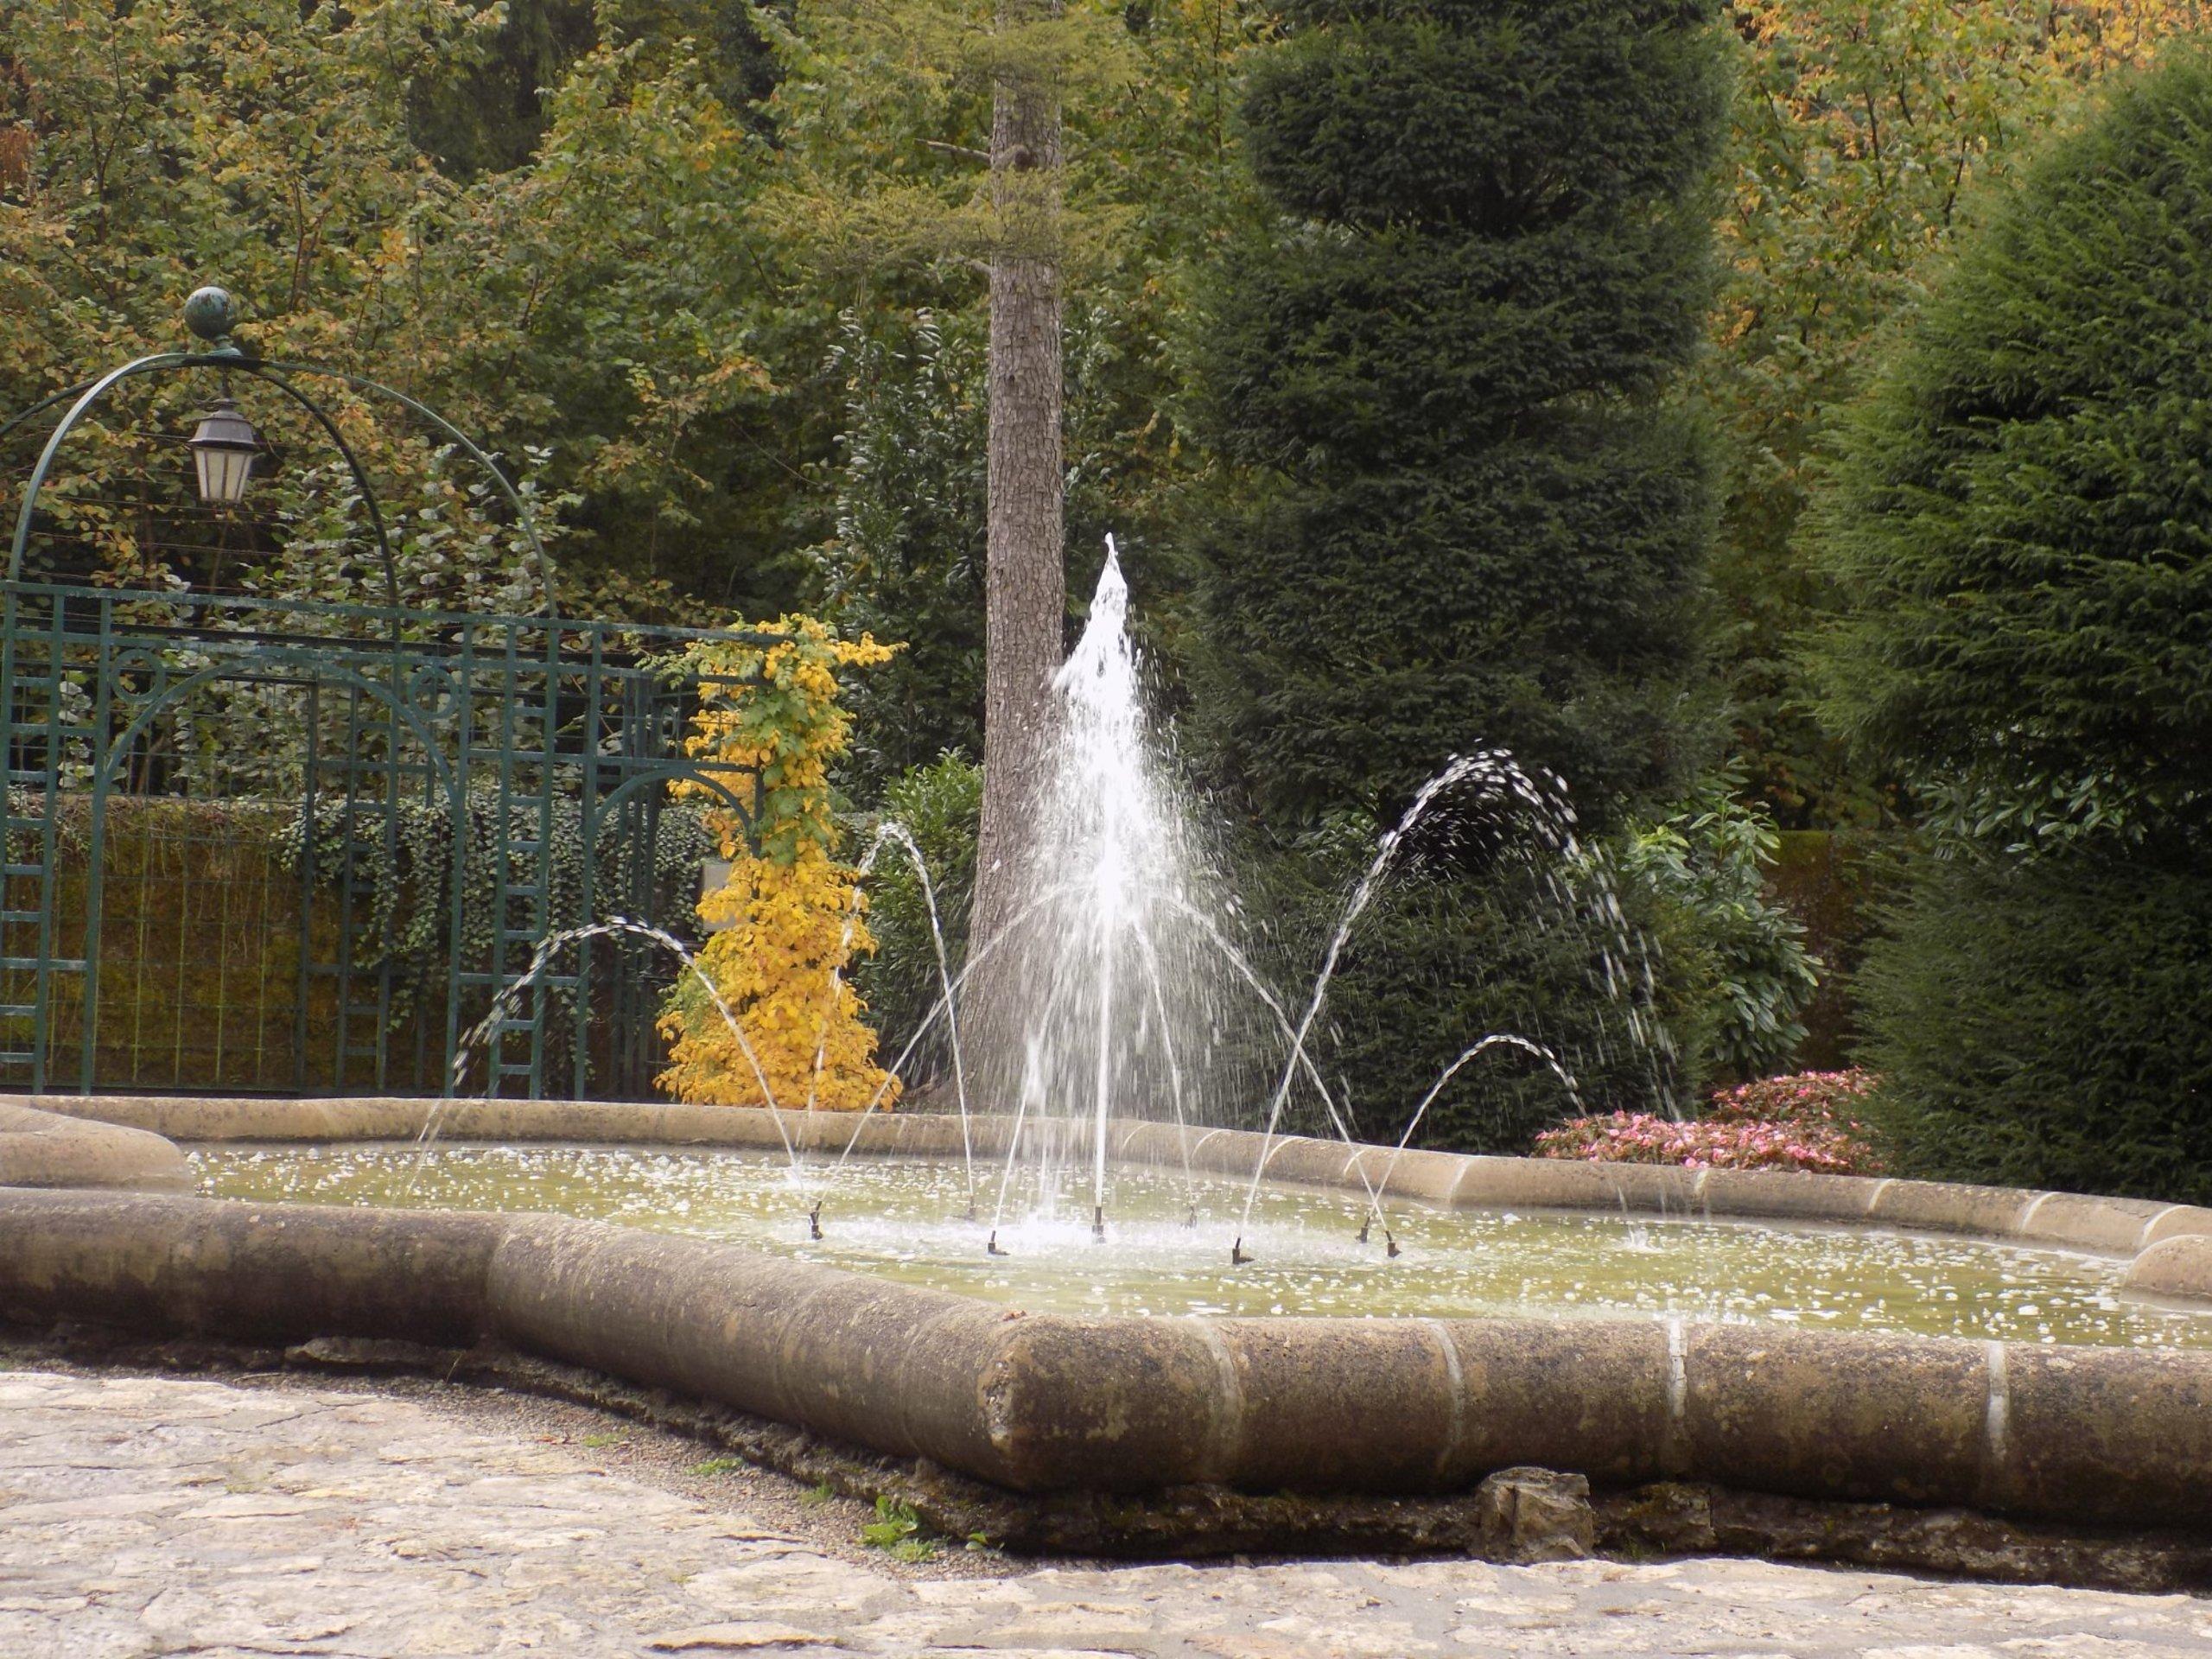 Le Jardin De Berthe Lyon Charmant Le Bour Du Lac 2020 Best Of Le Bour Du Lac France Of 92 Génial Le Jardin De Berthe Lyon